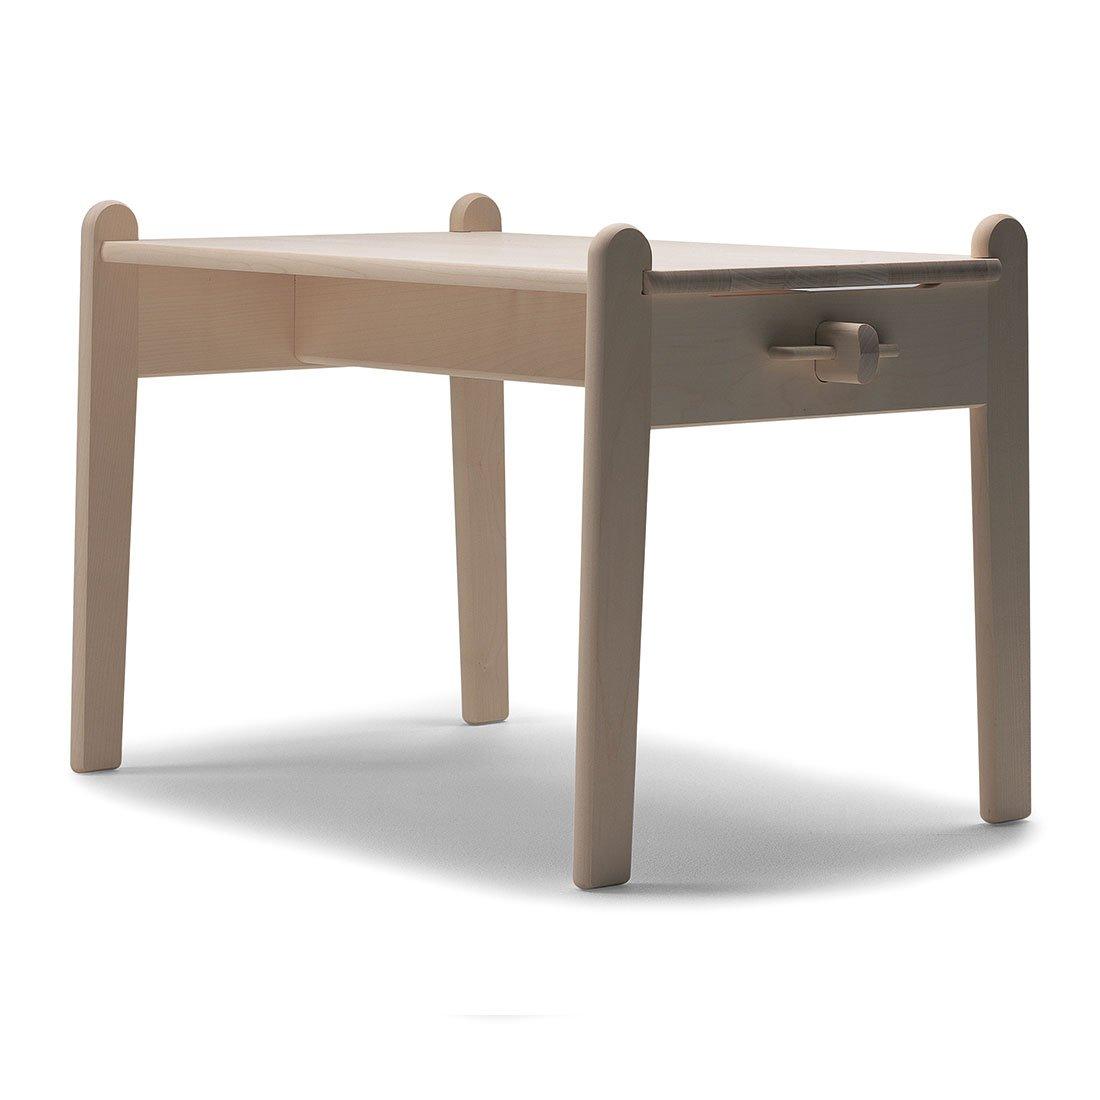 Peters Table Kindertafel - Carl Hansen & S�n